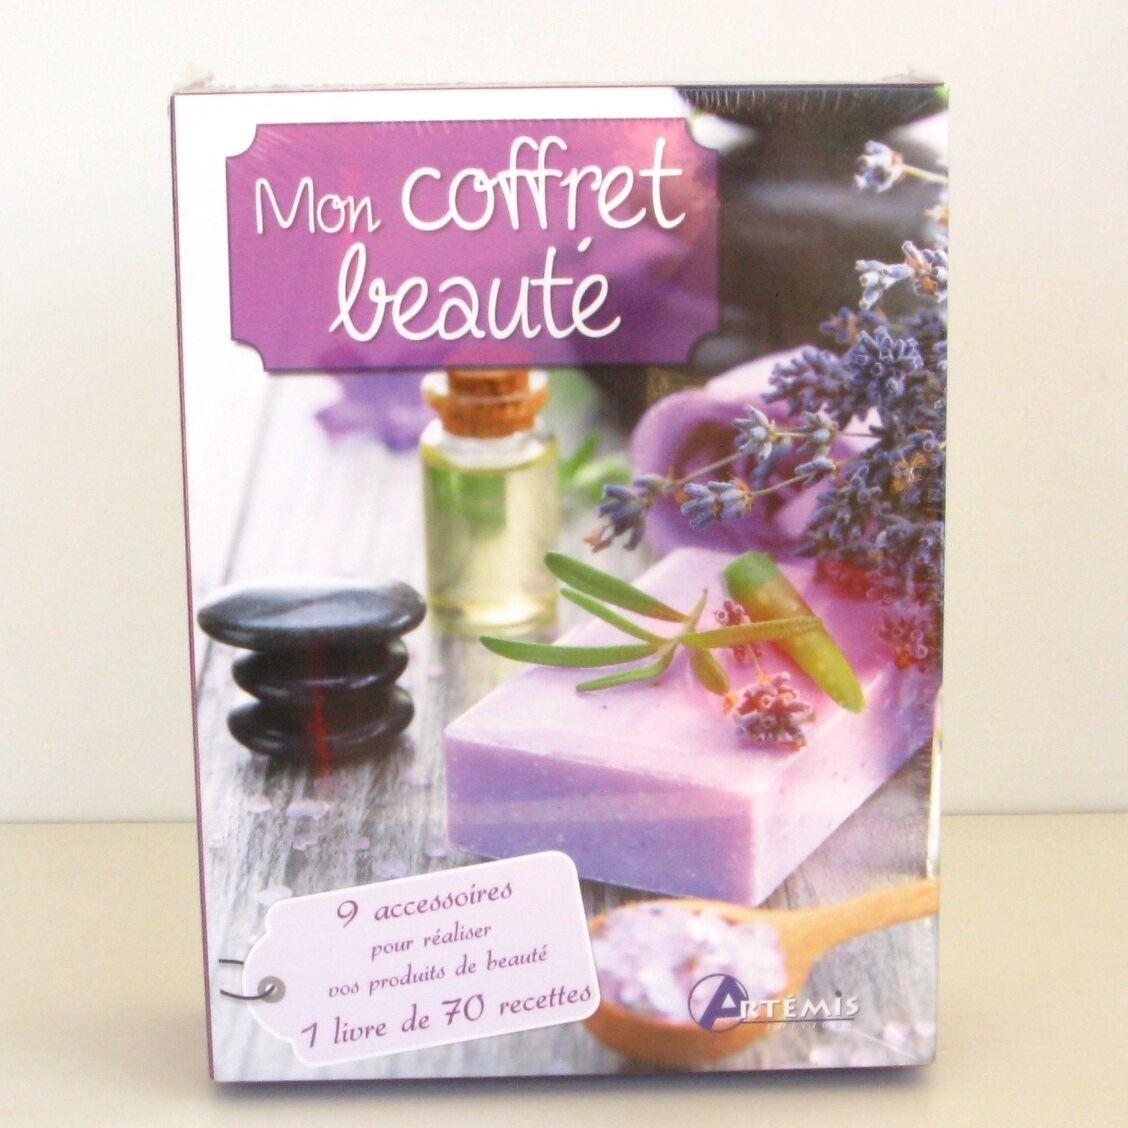 Mon coffret Beauté - Coffret cadeau -  9 accesoires et 1 livre de 70 recettes